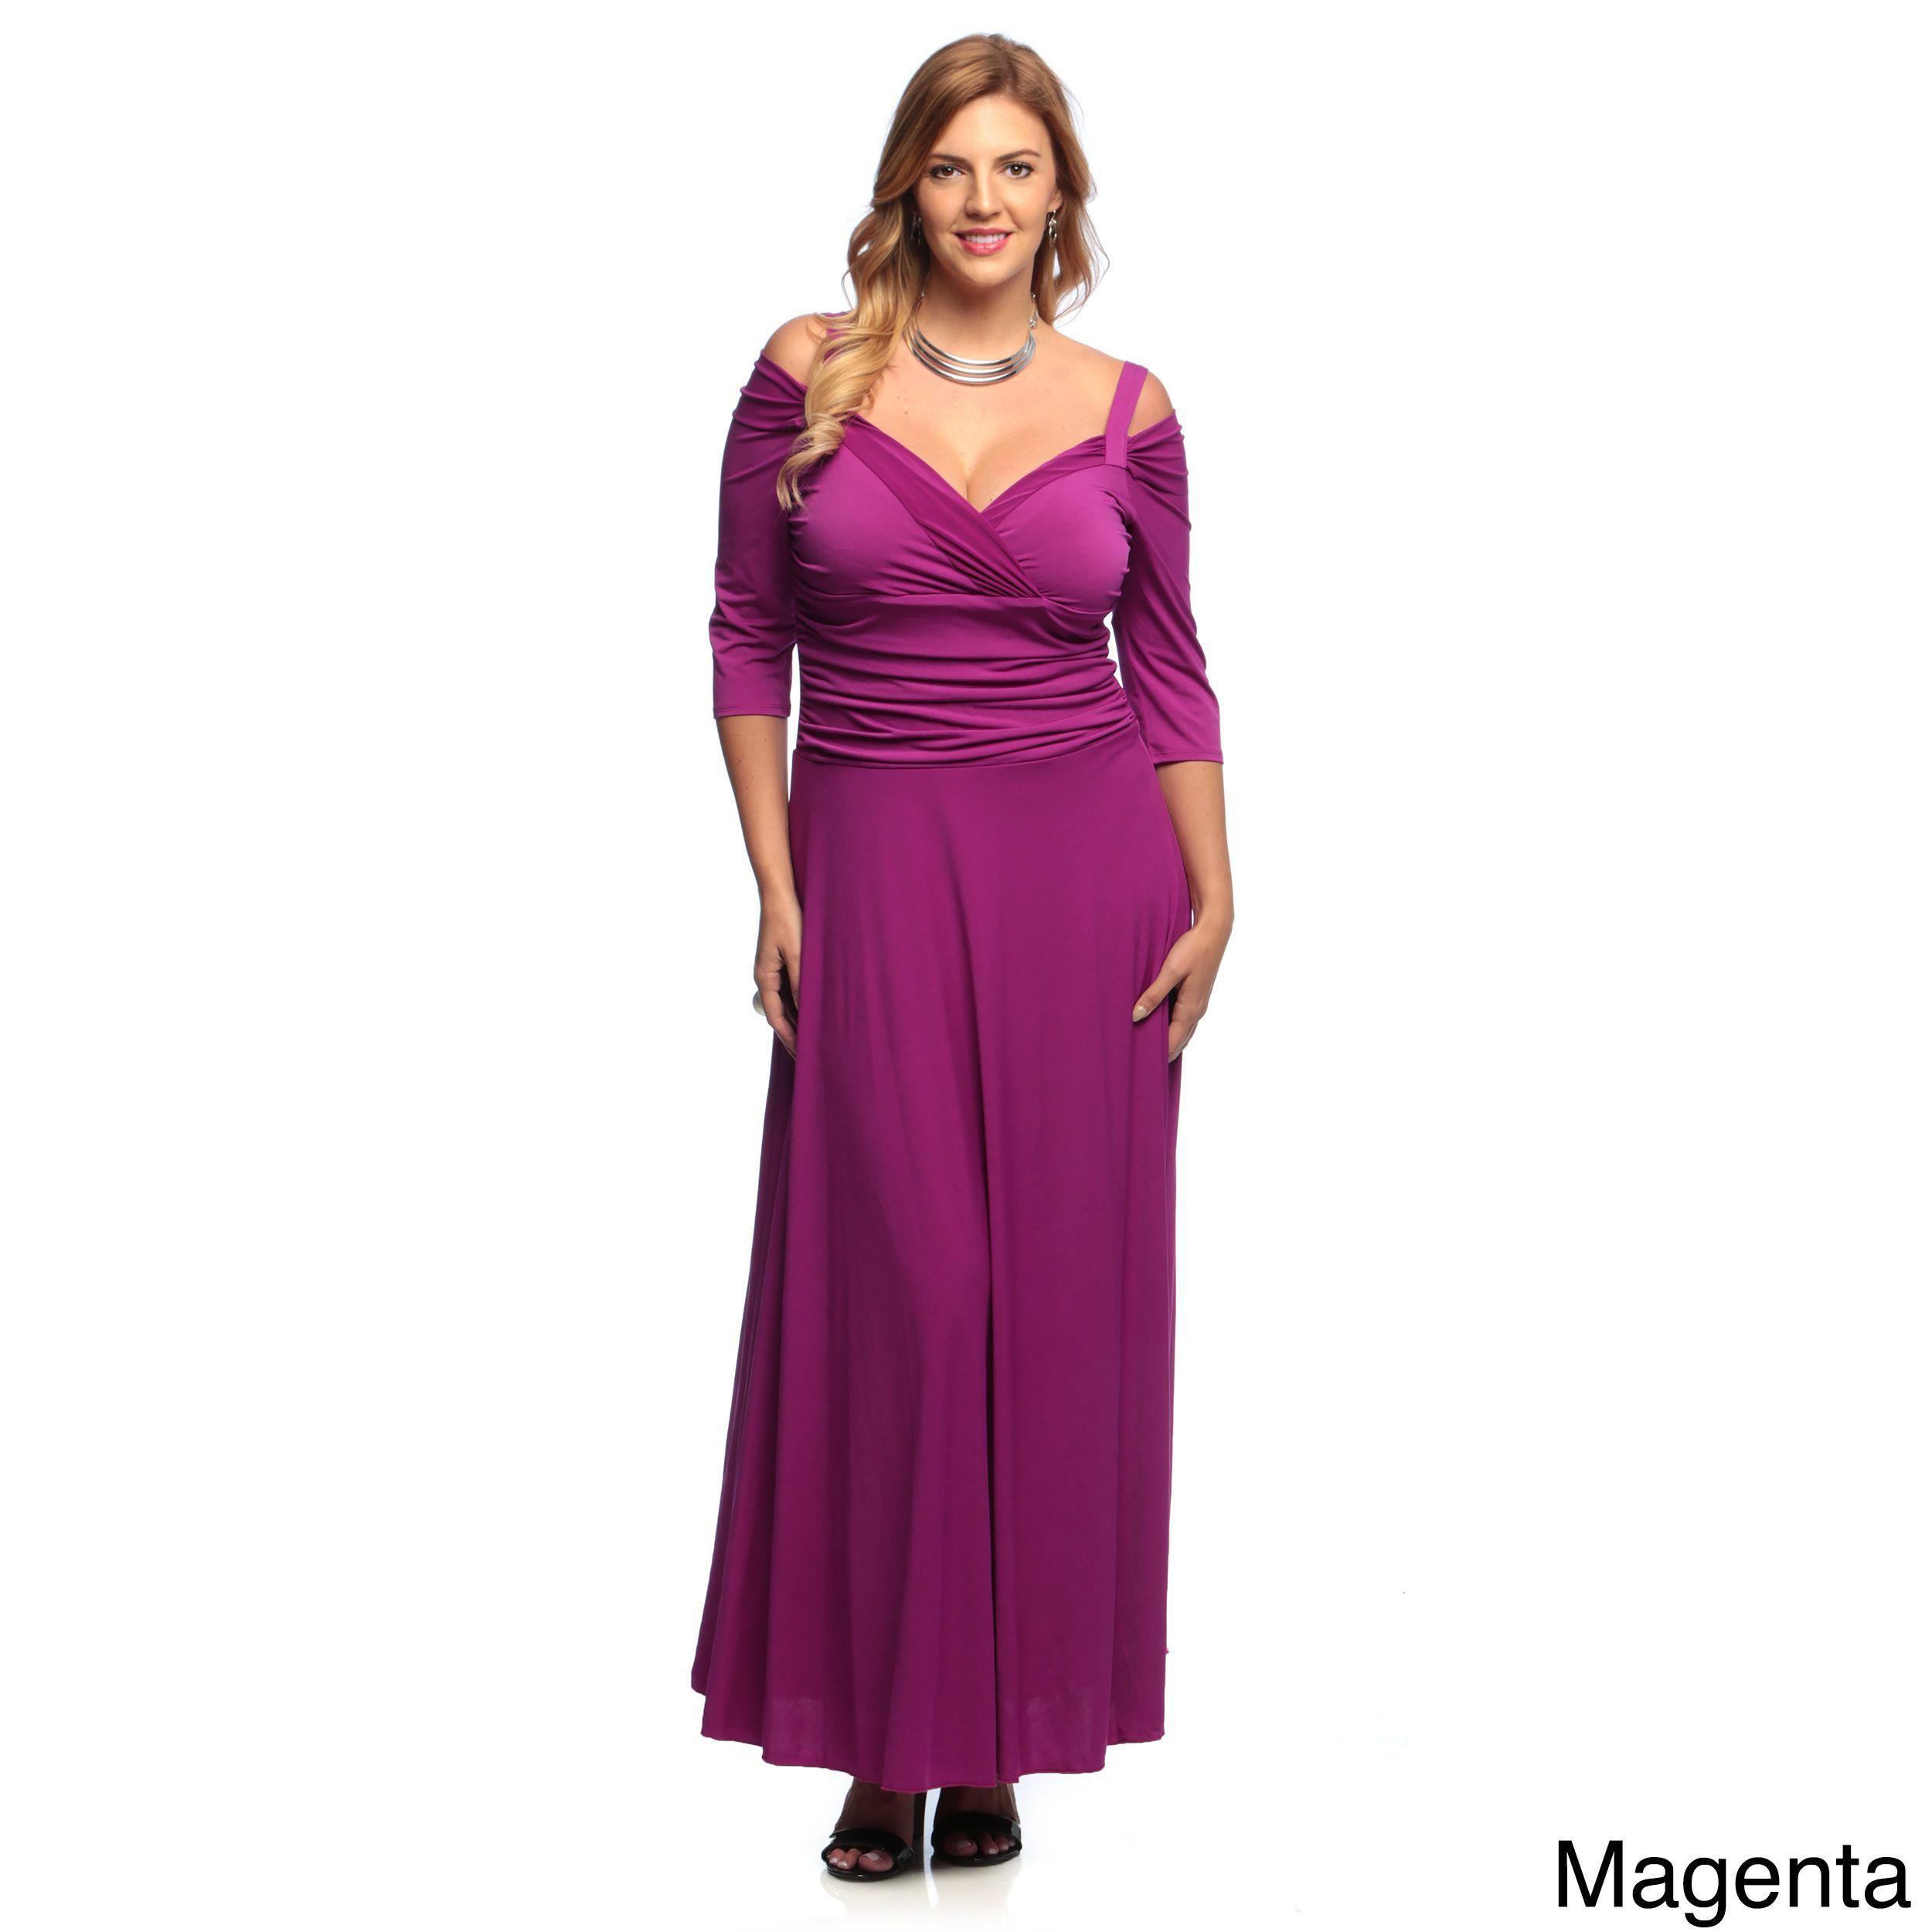 Excepcional Vestidos De Fiesta Trixxi Fotos - Colección del Vestido ...